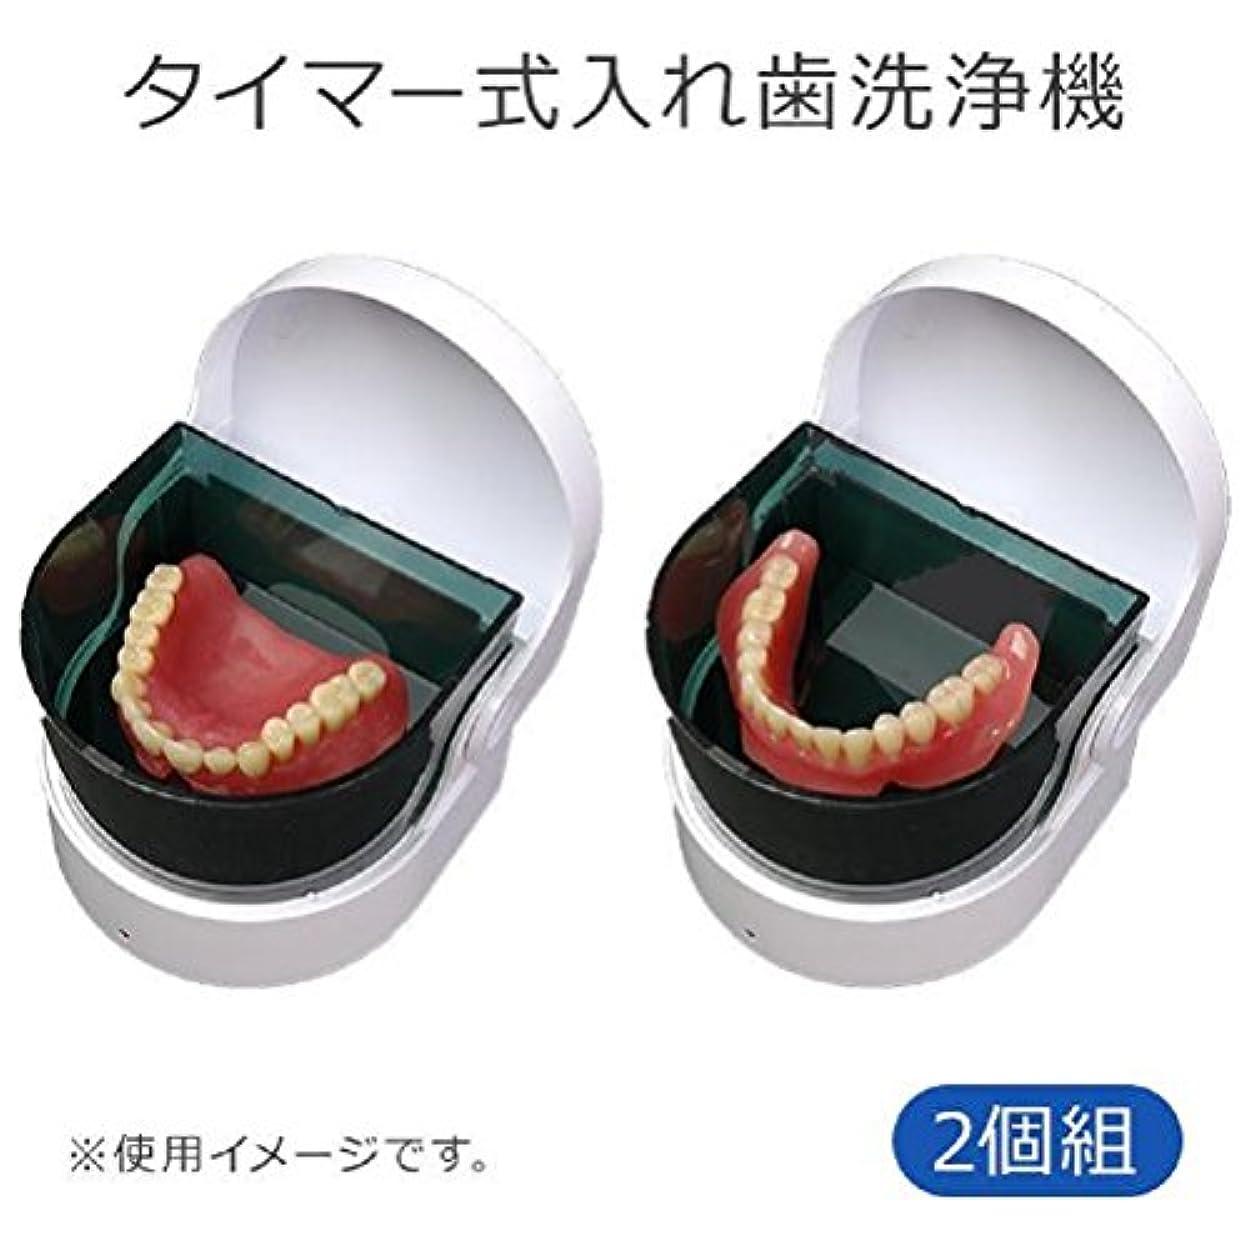 受ける反逆者ニンニクタイマー式入れ歯洗浄機 2個組 K12327